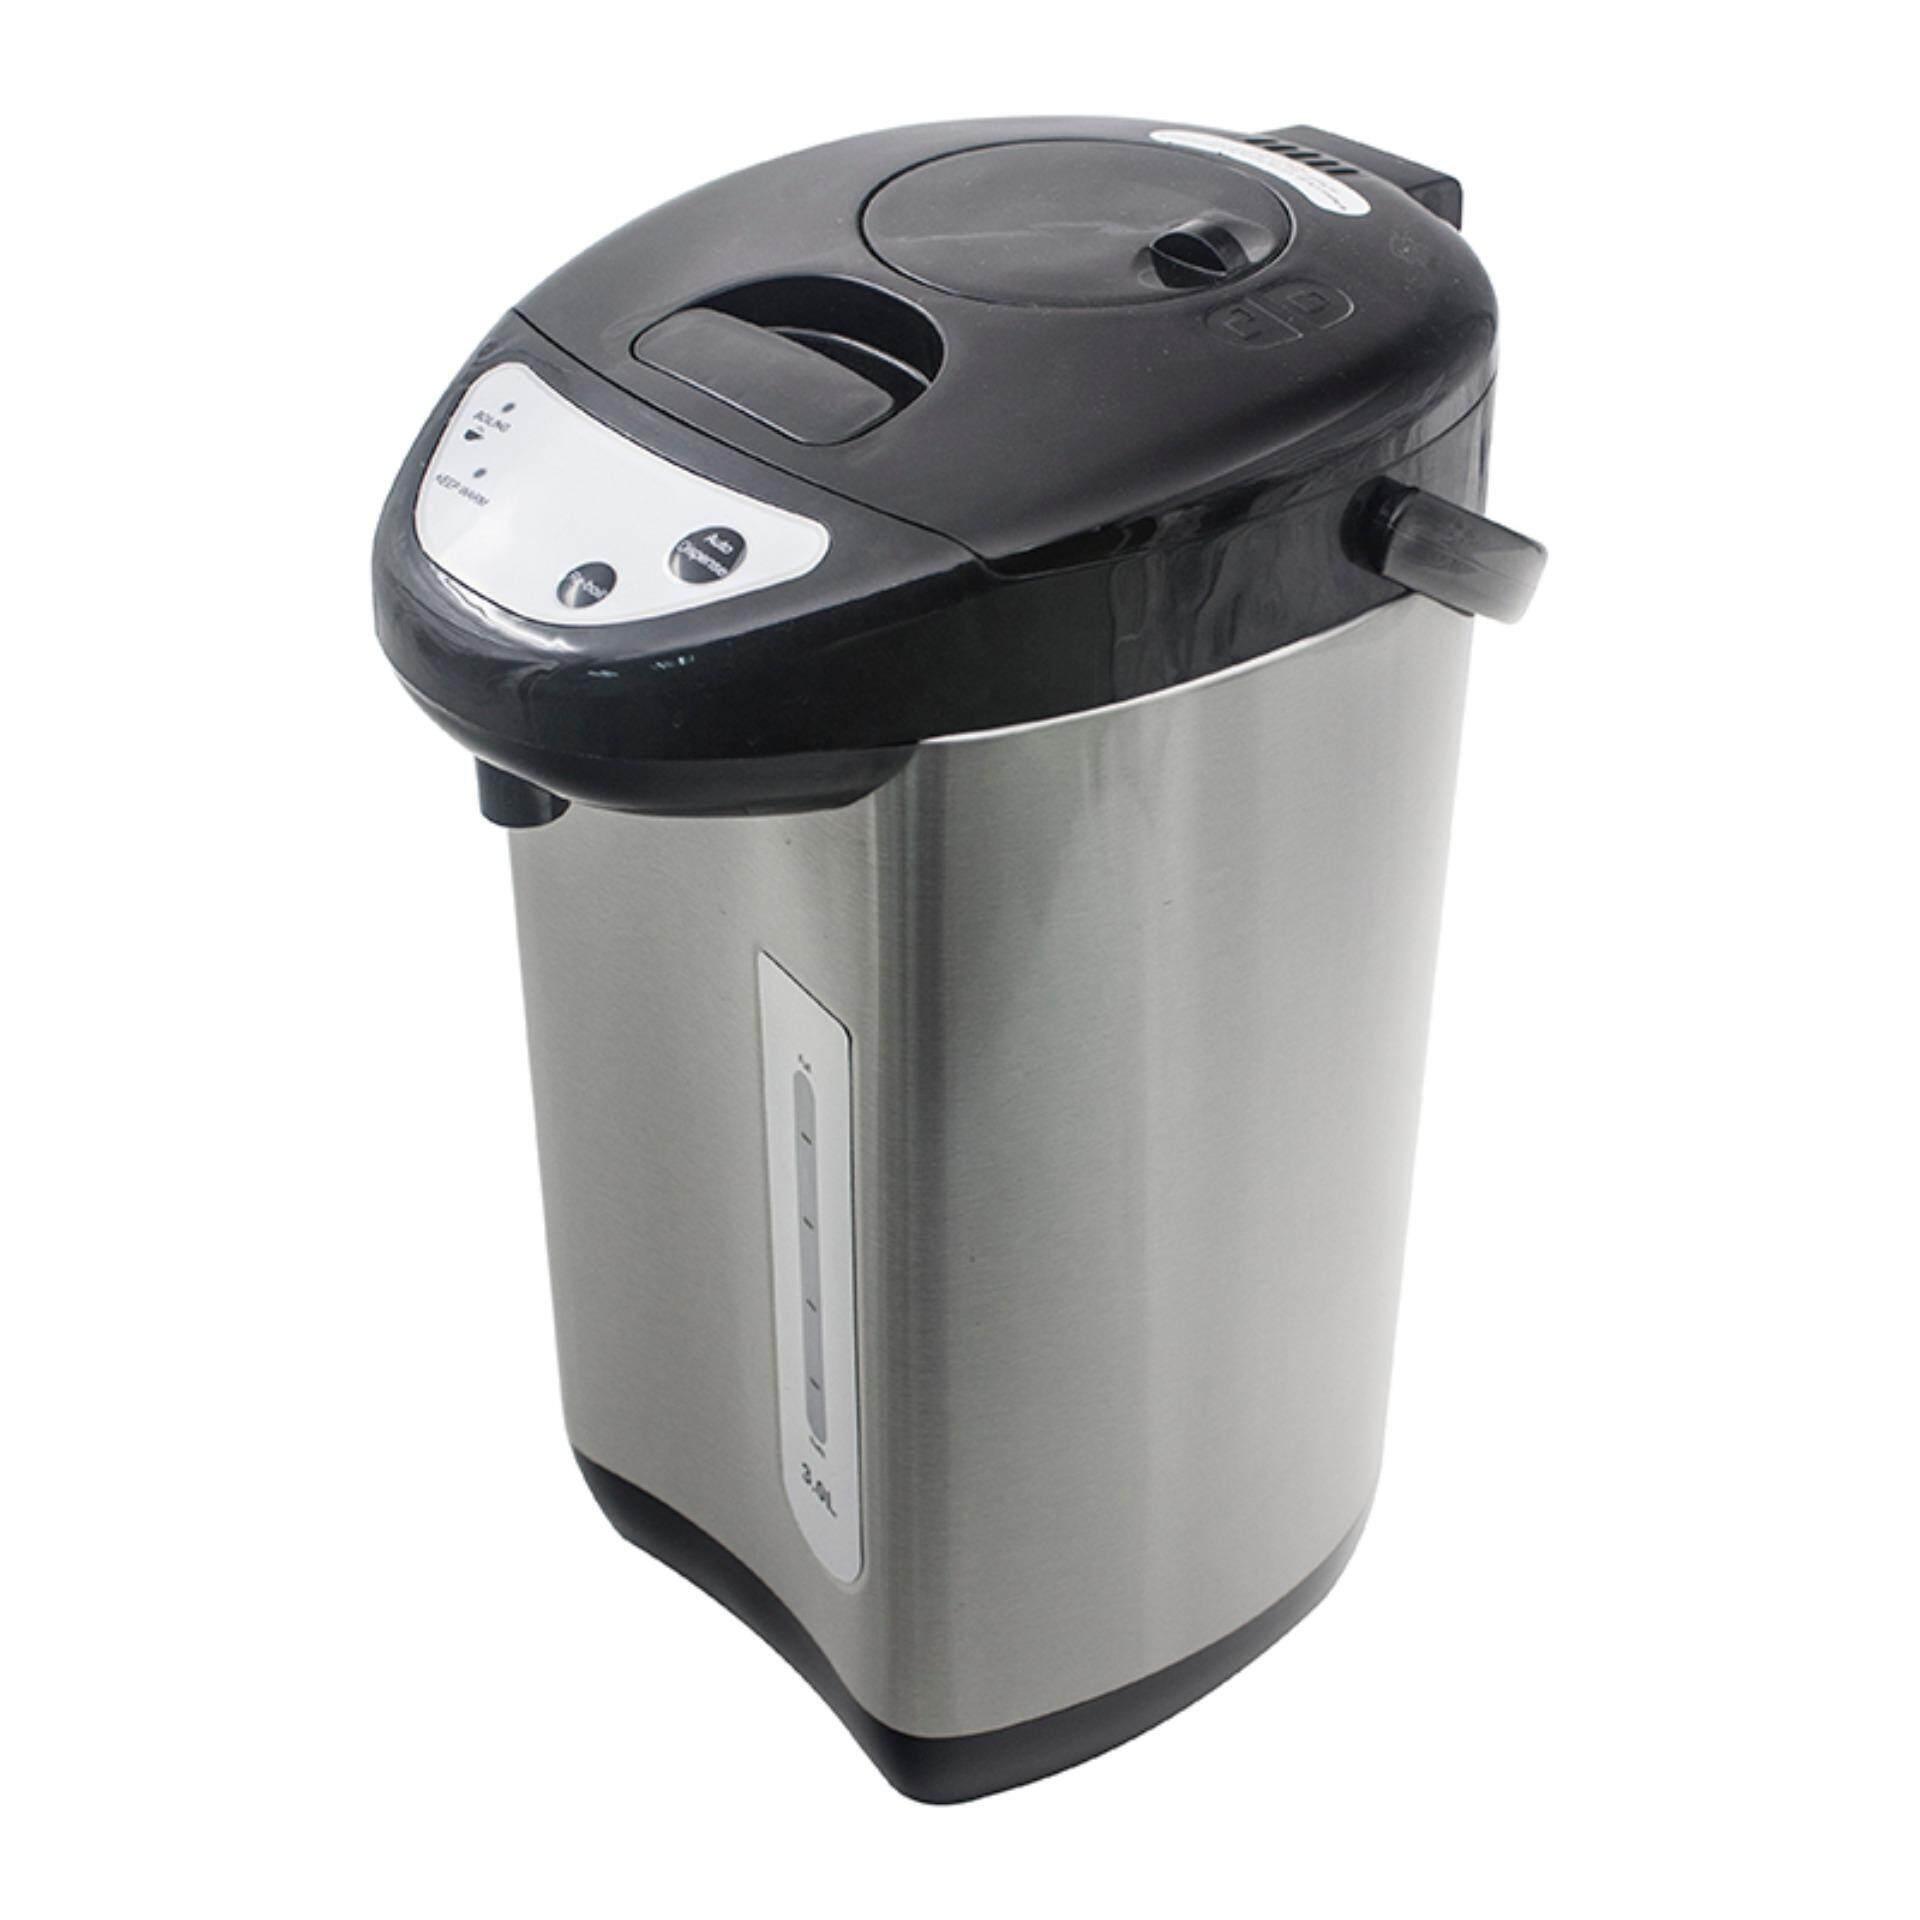 Thermo Pot 3L